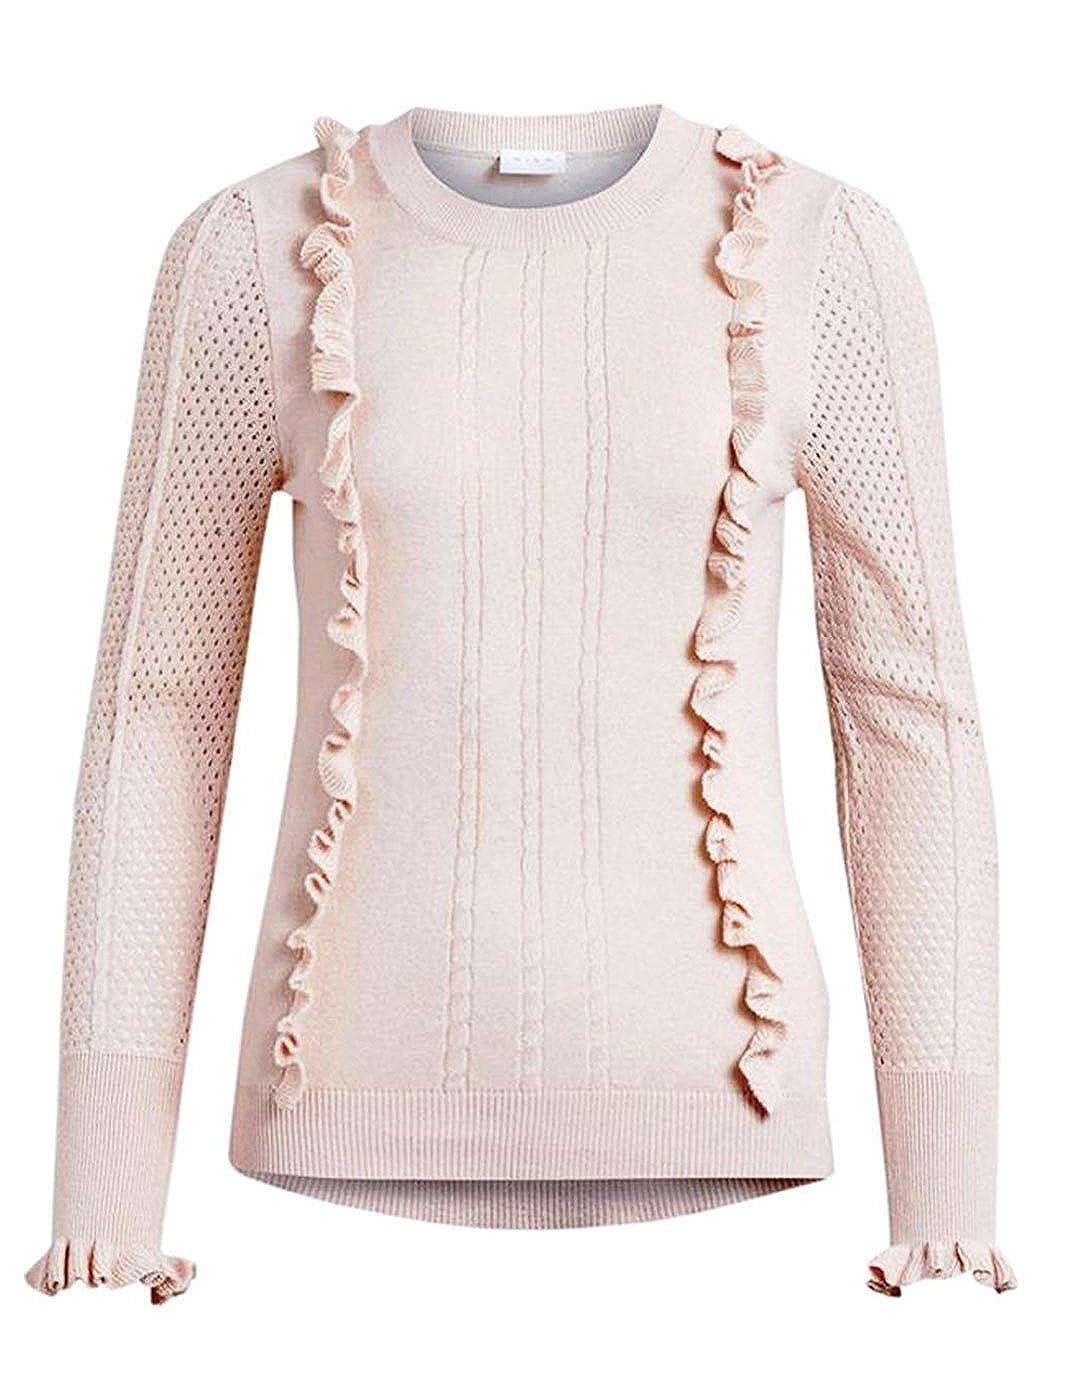 TALLA XL. Vila Vitilli L/S Knit Top/PB, suéter para Mujer